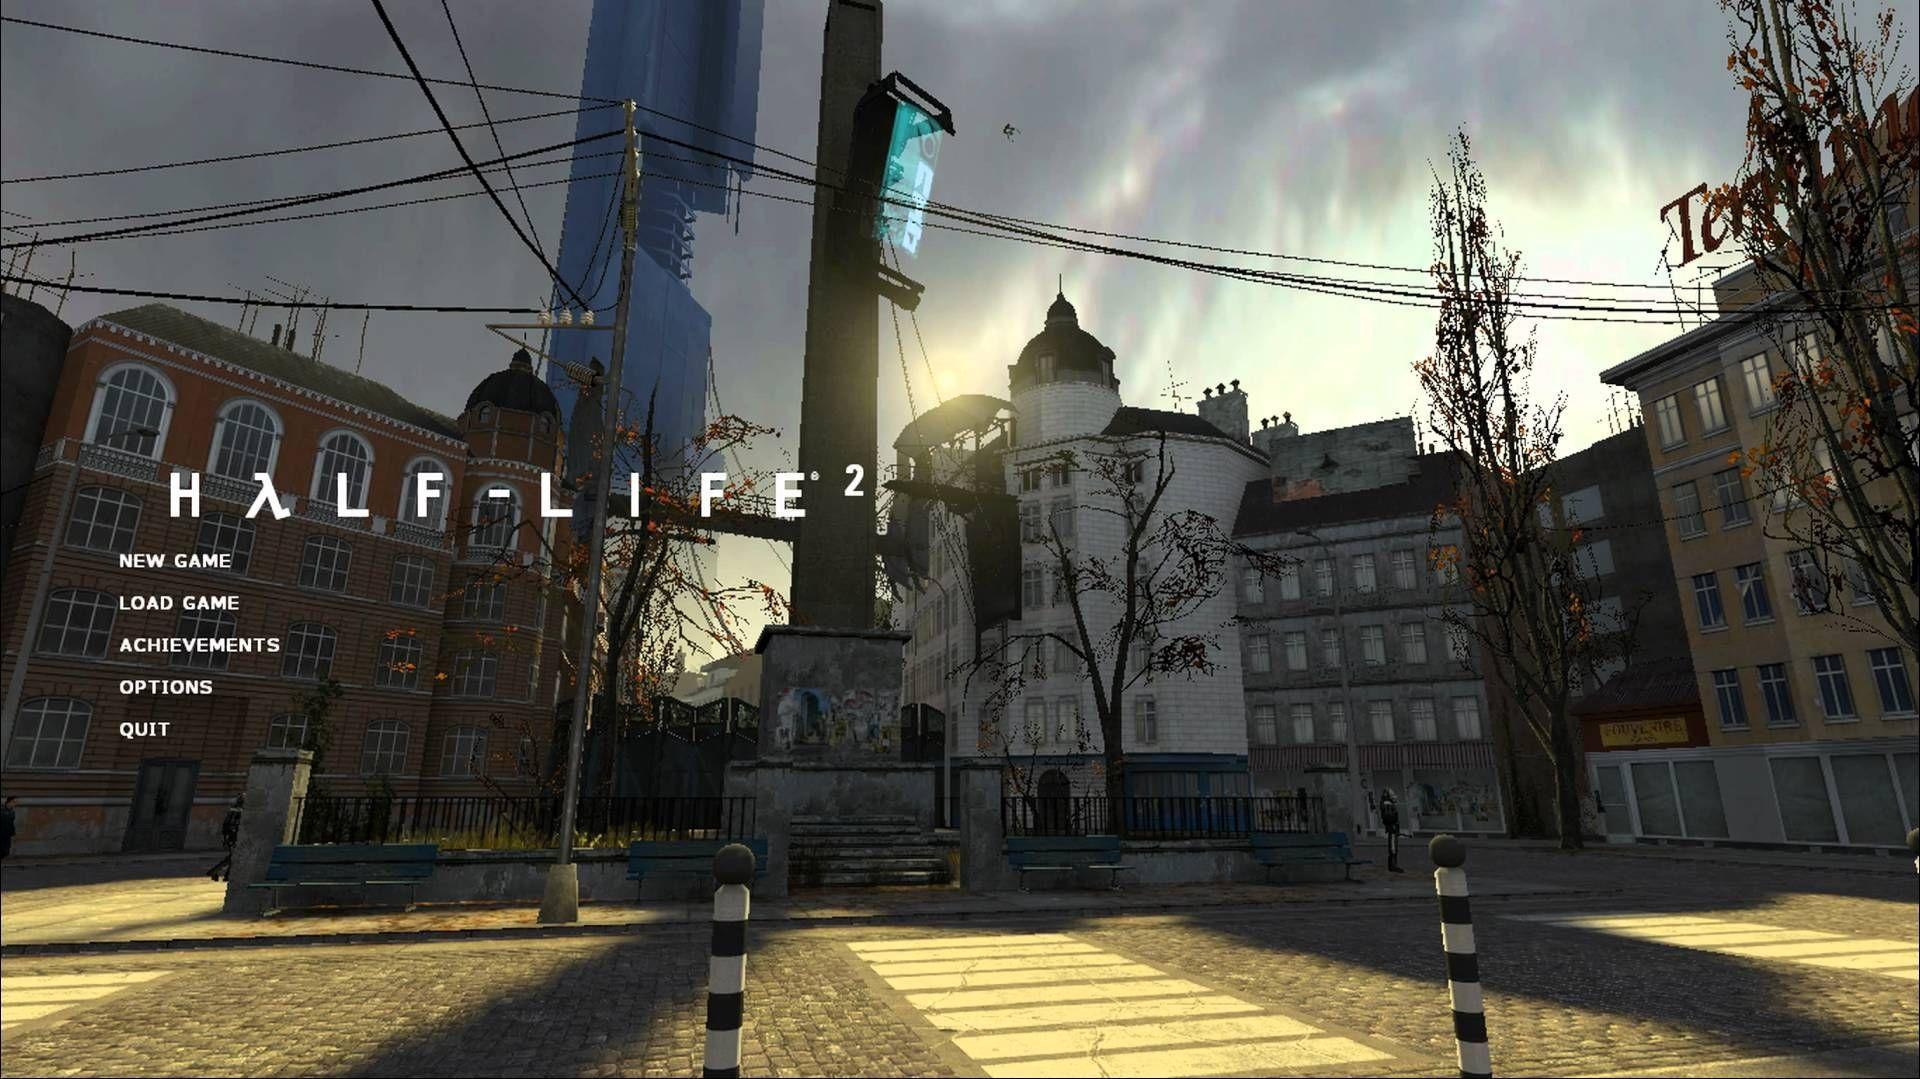 5816 - ¿Eres un verdadero fan de Half-Life 2?